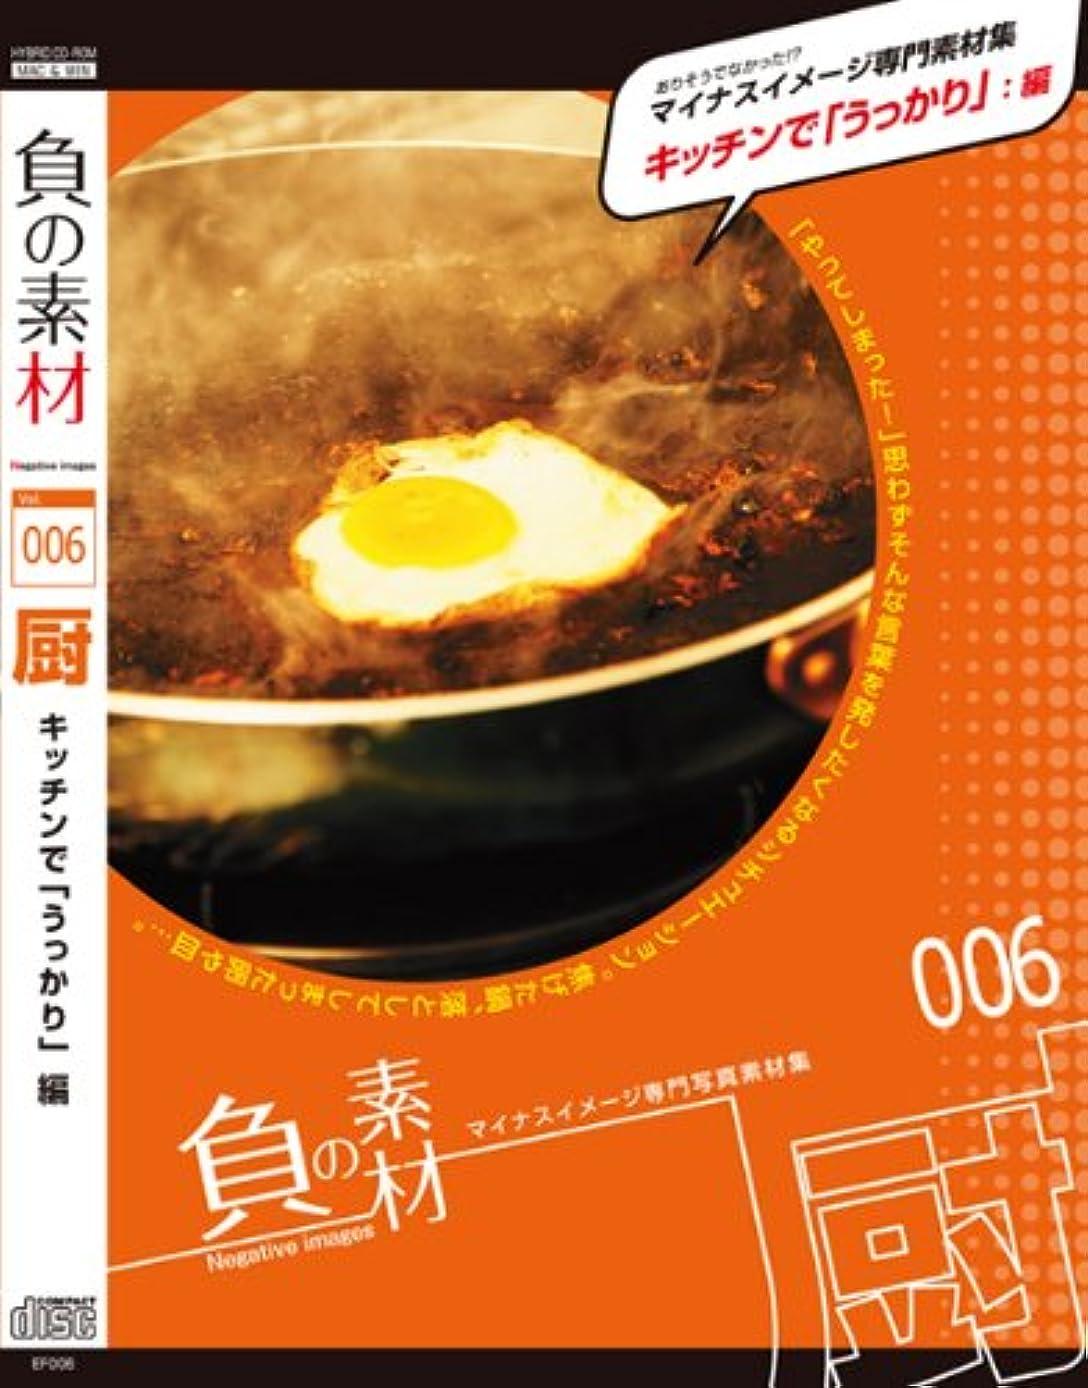 インディカ究極の作ります負の素材vol.006【厨:キッチンで「うっかり」】編